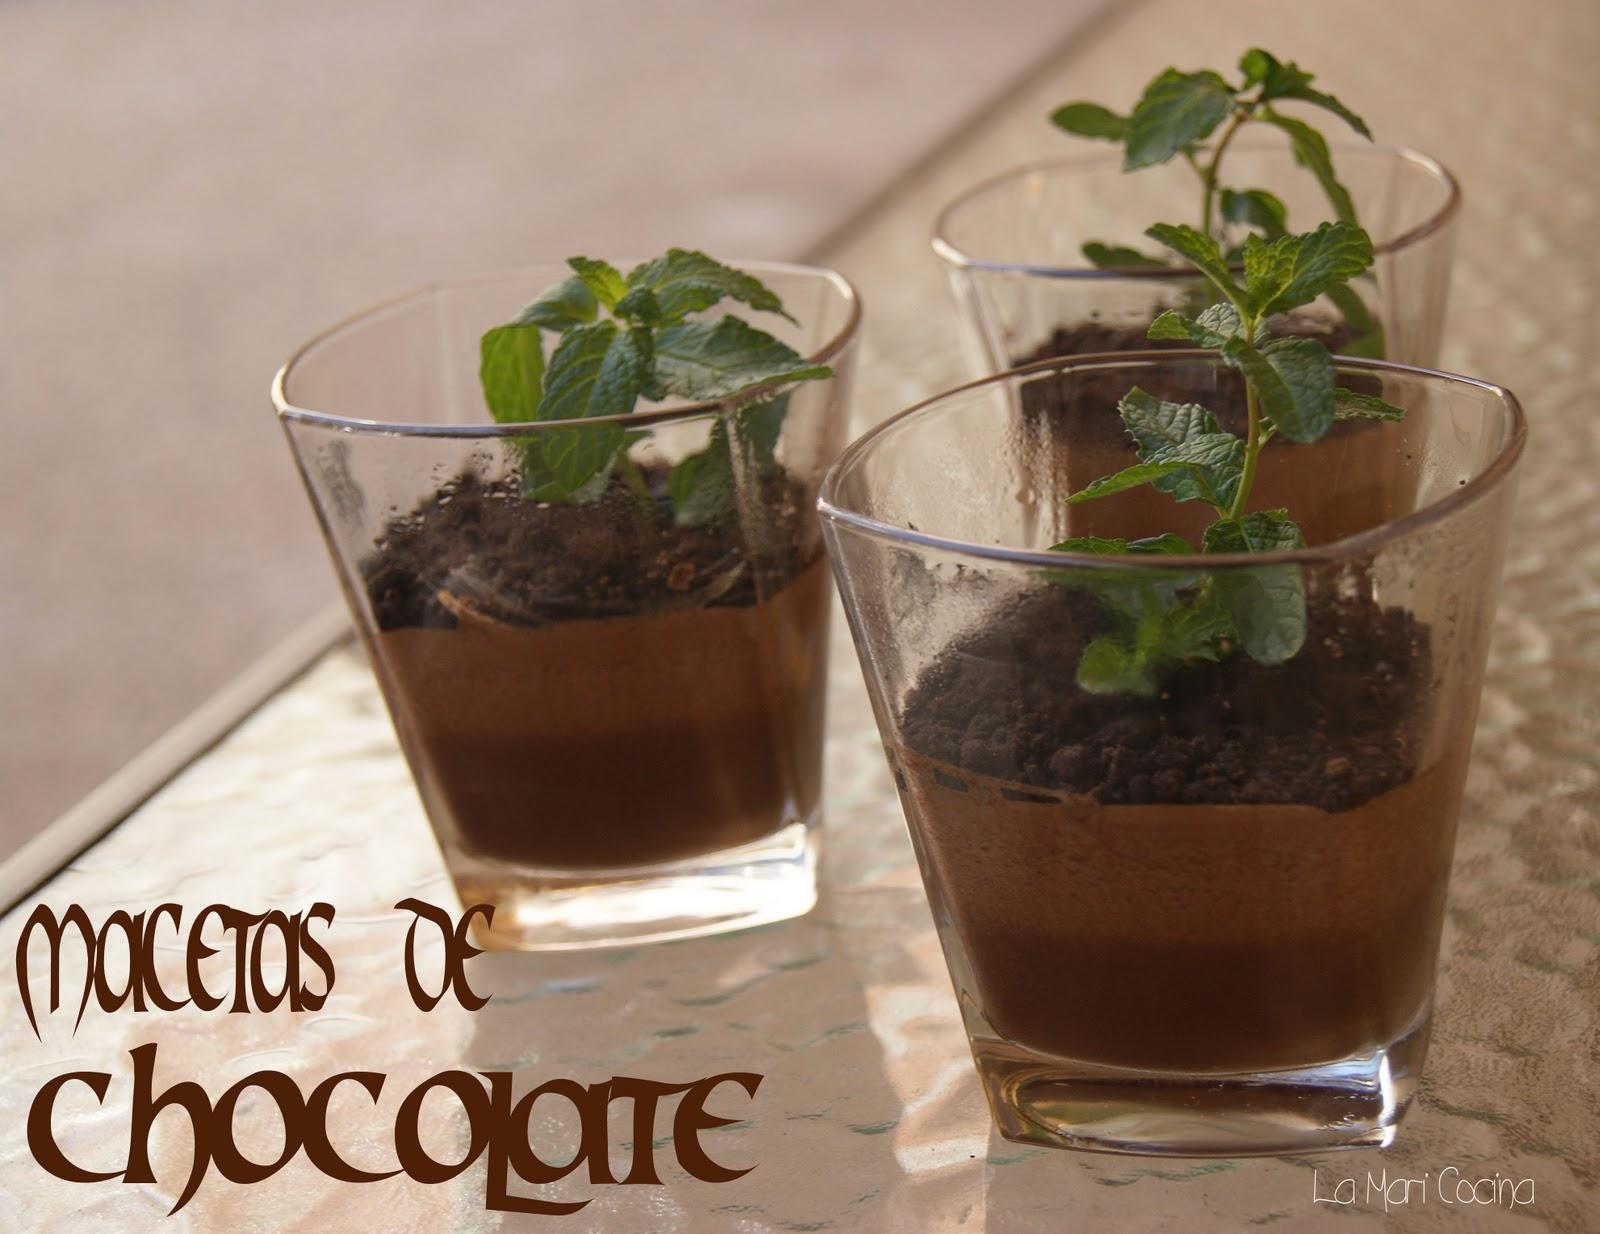 La mari cocina macetas de chocolate - Macetas para cocina ...